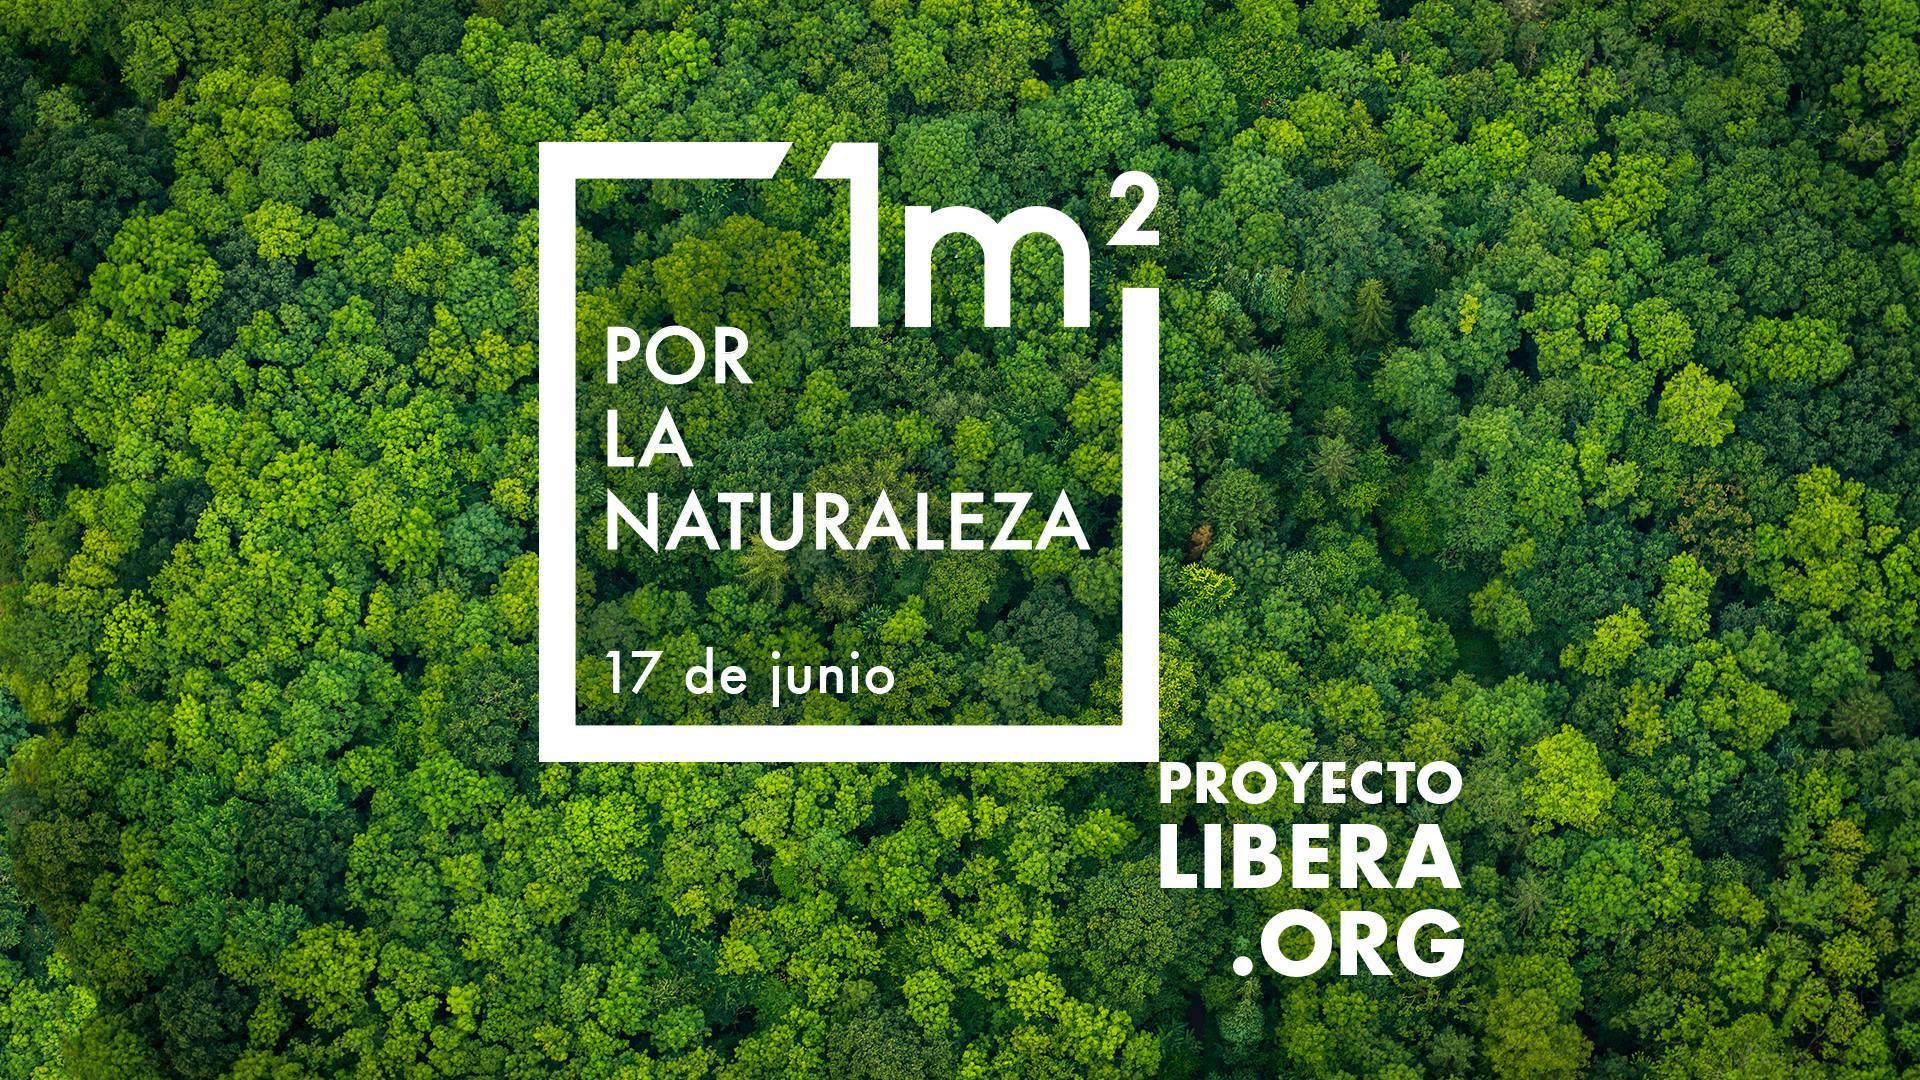 1m2 por Naturaleza, con Región de Murcia Limpia